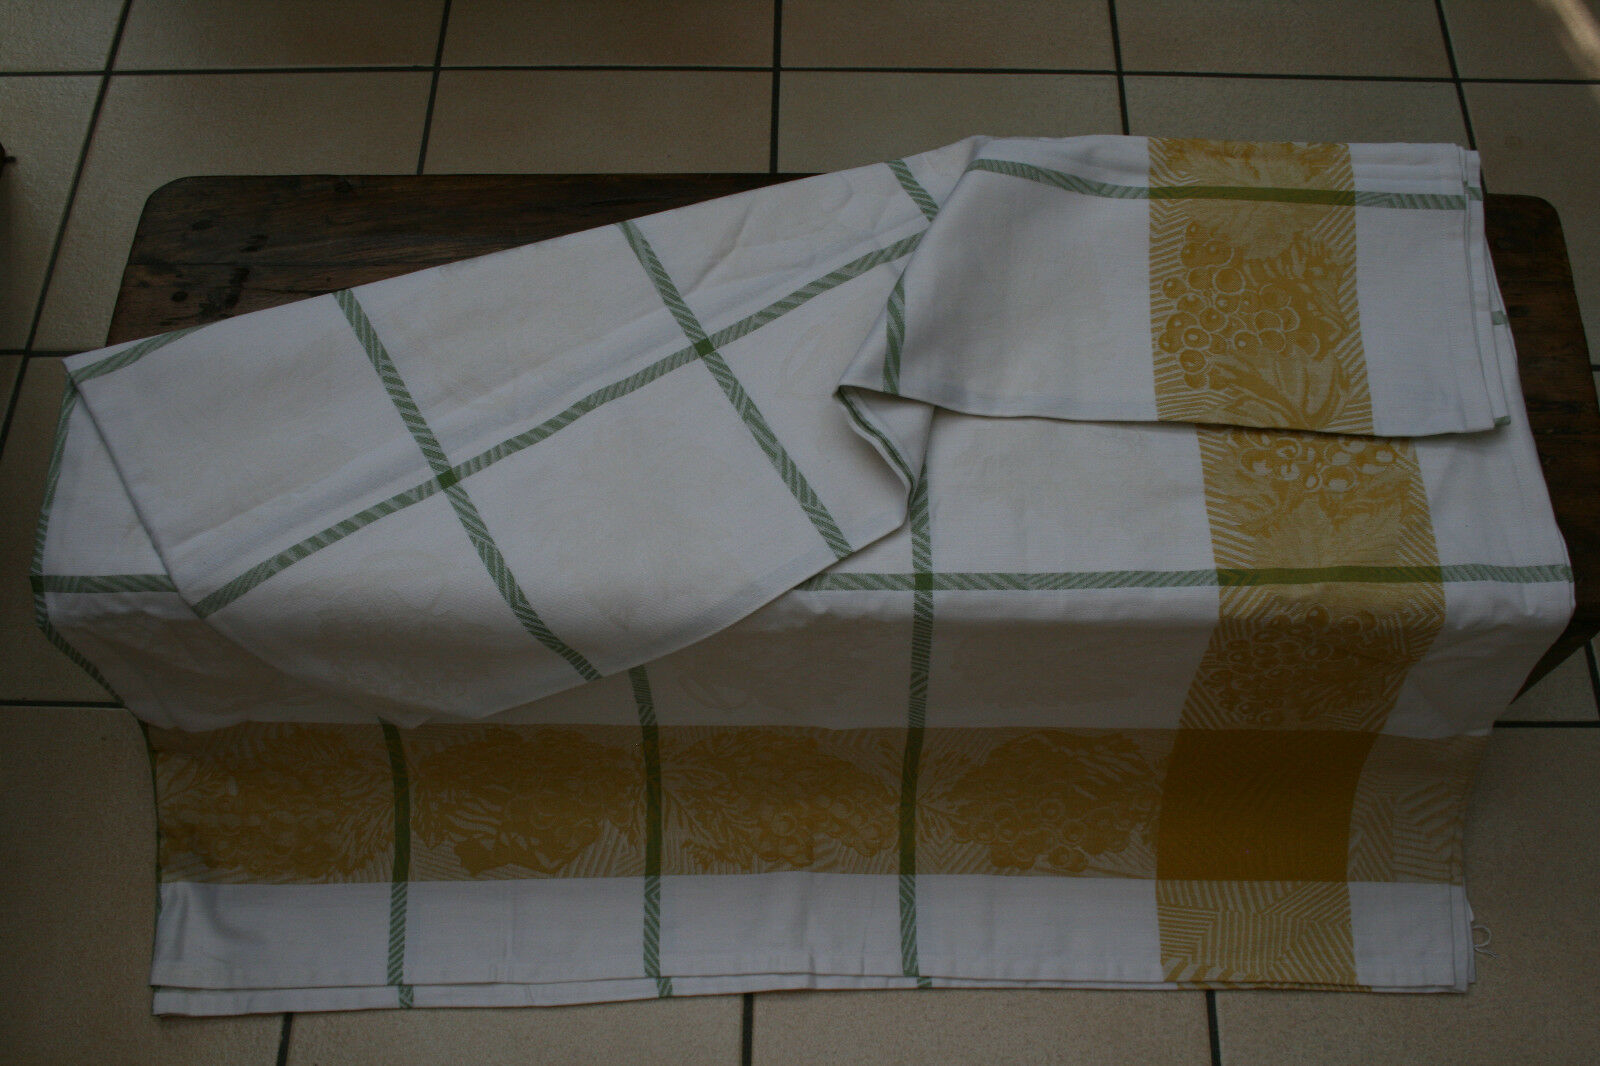 Le jacquard francais Tovaglia 175x175,Quadrettato verde bianco nuovo con